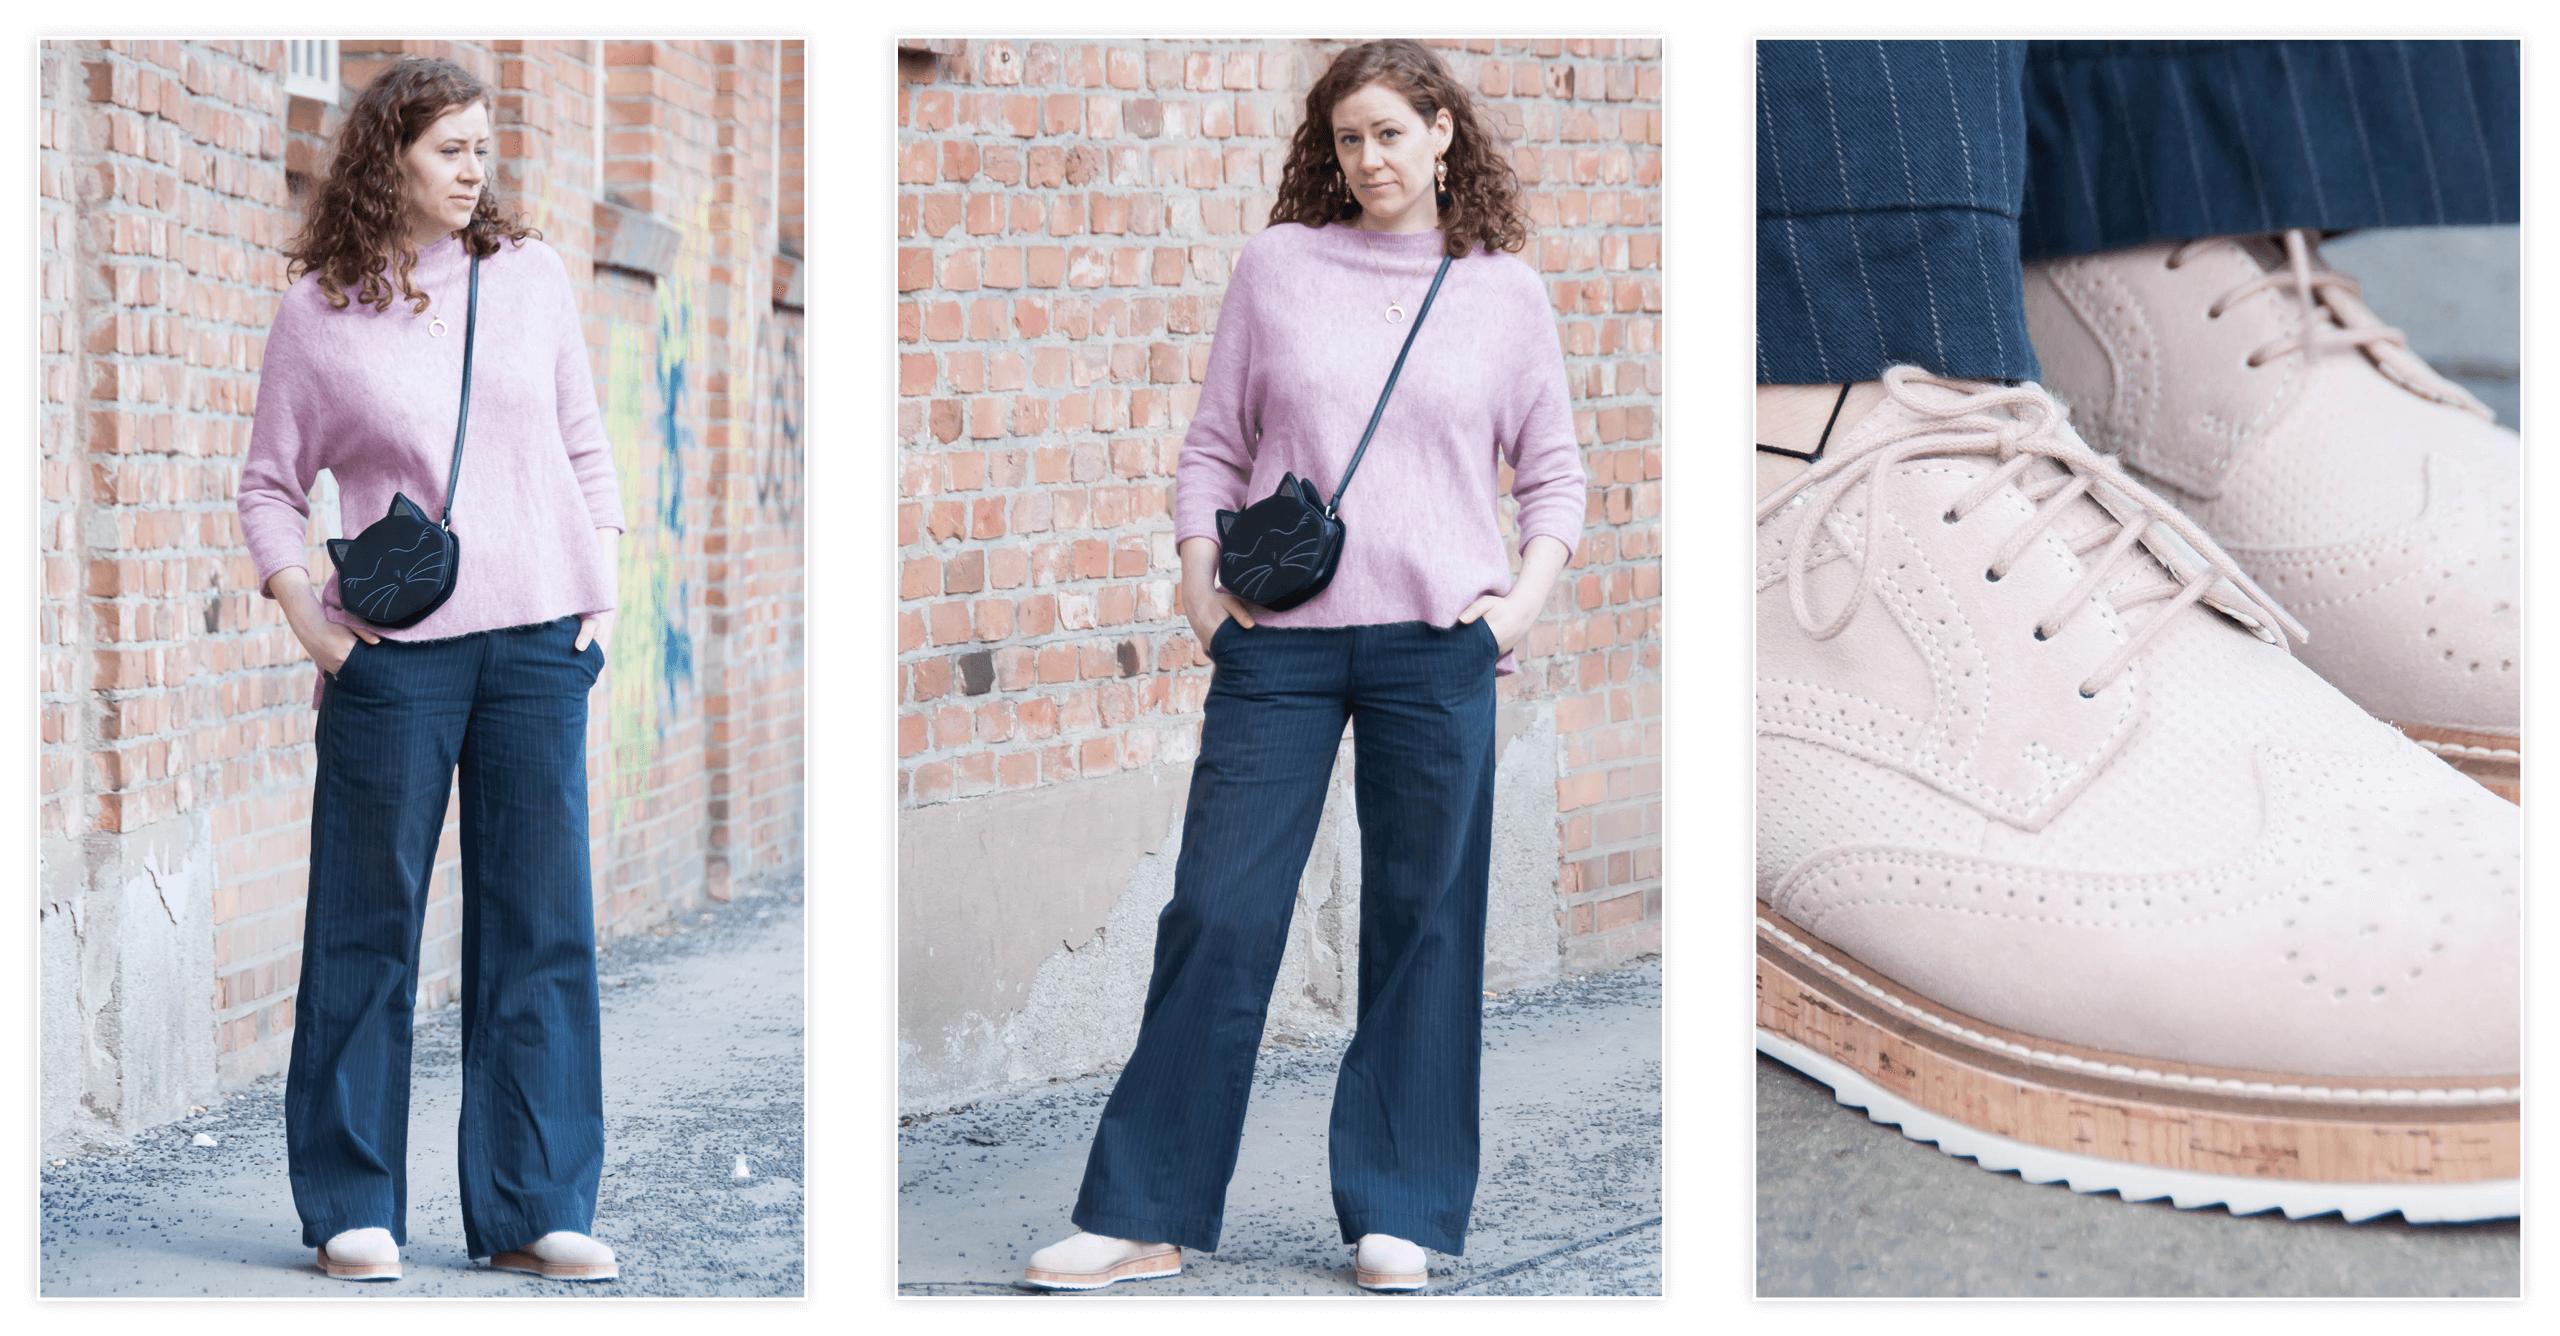 Dandy Look for Girls Shoelove by Deichmann